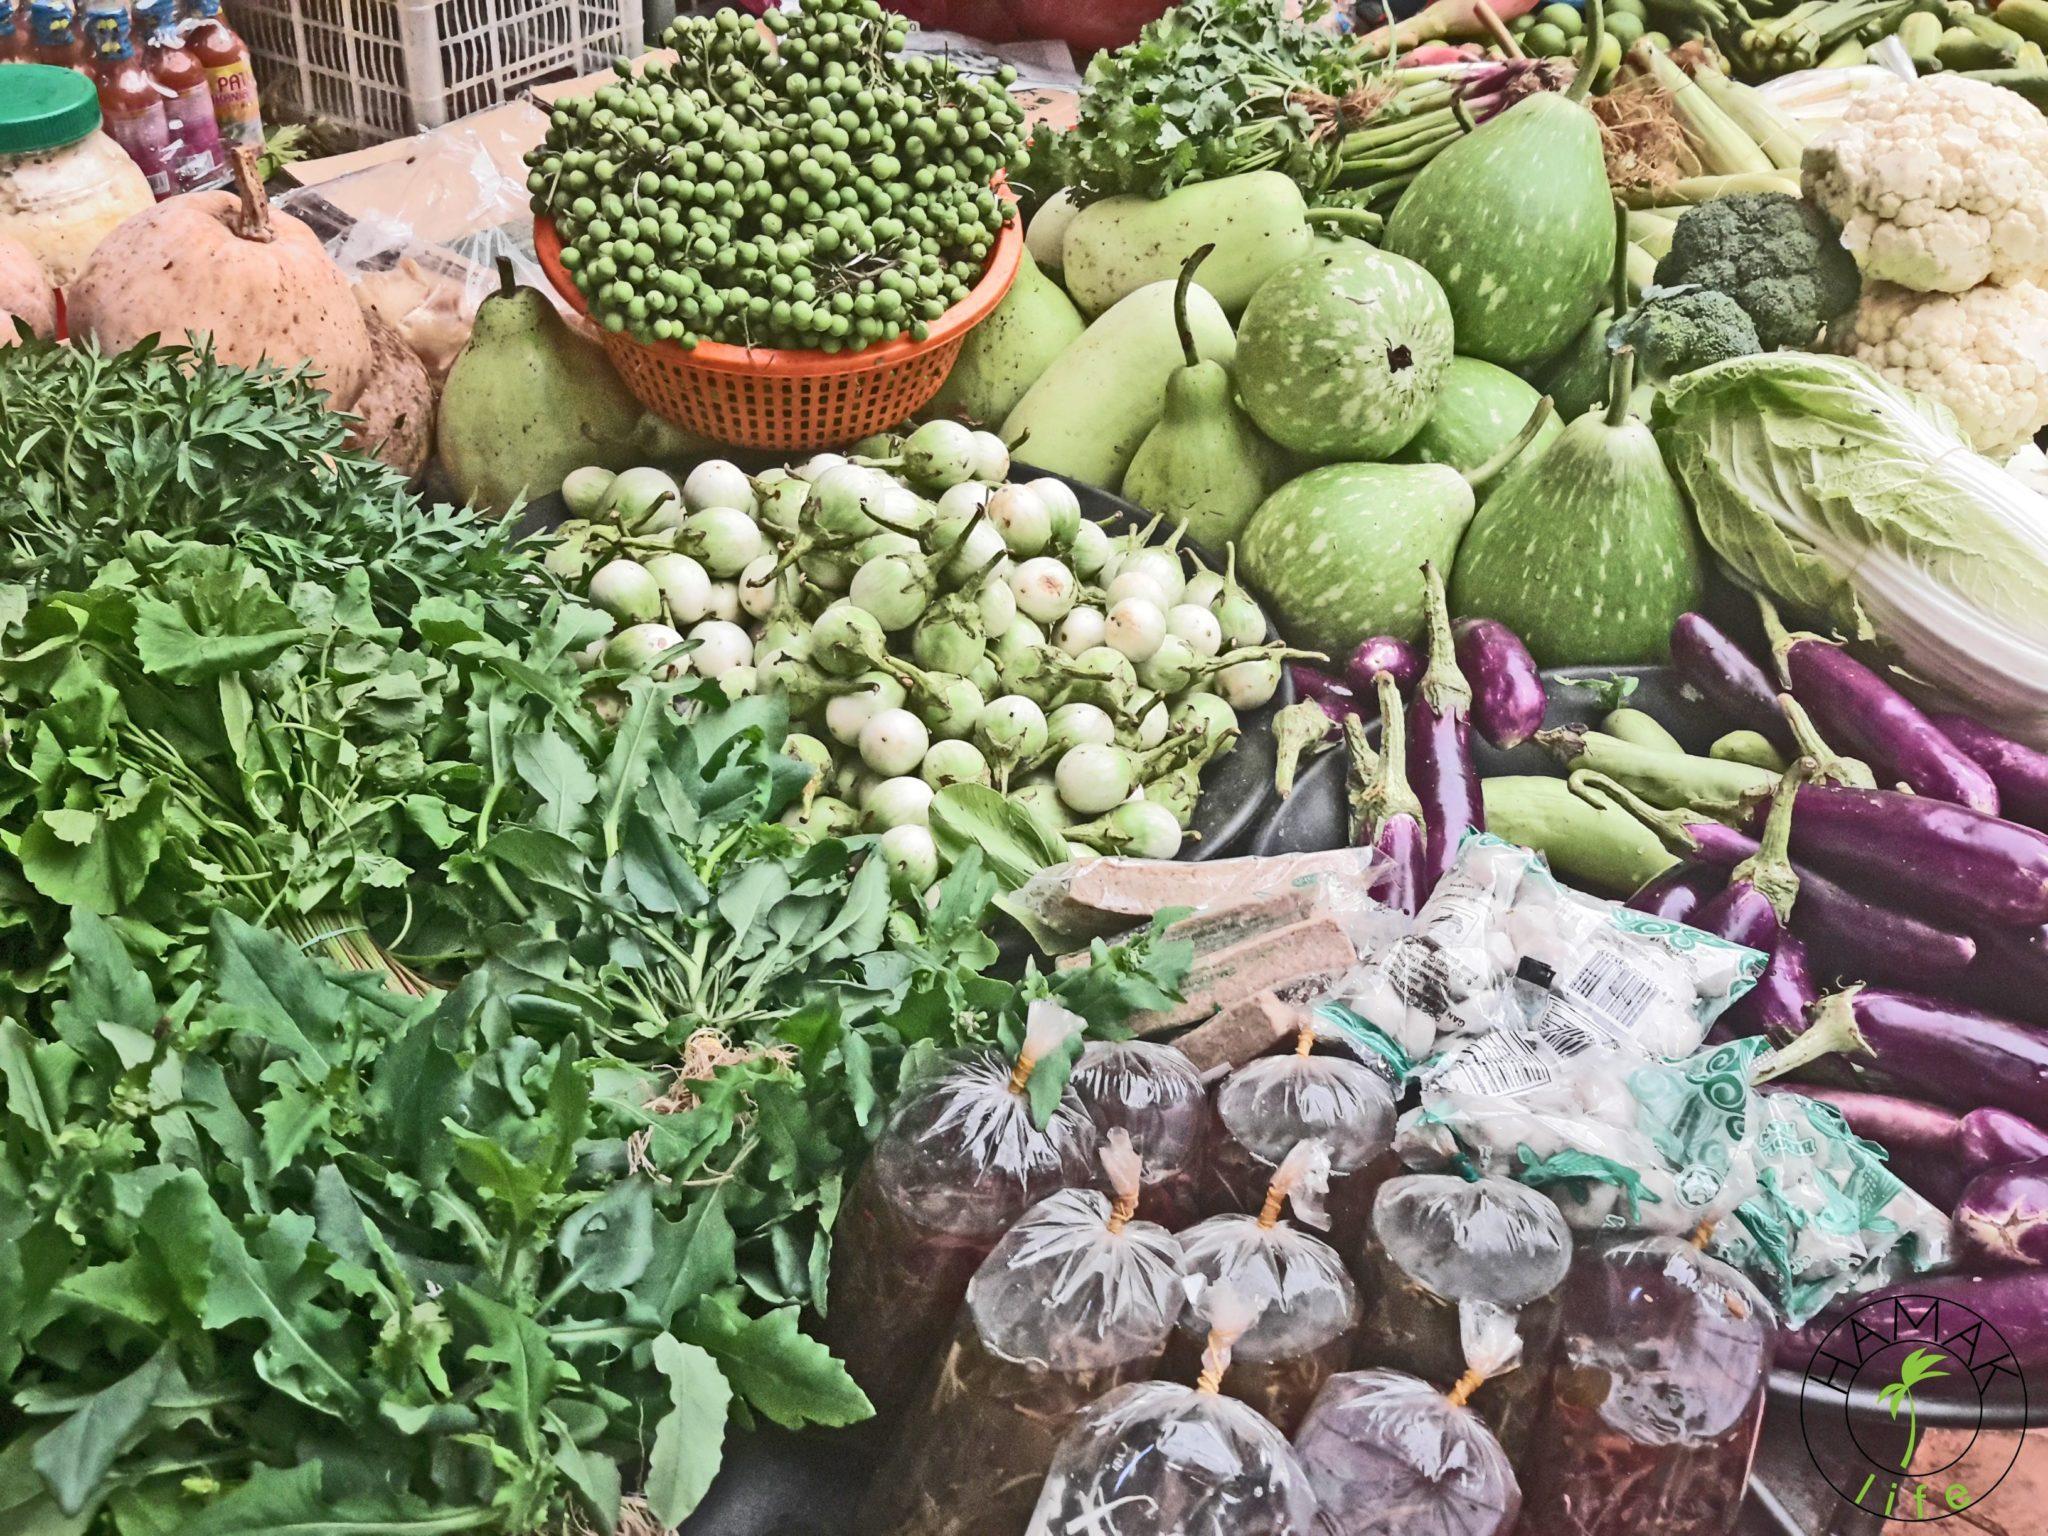 Z kalafiora w Indiach i w Malezji wyrabia się aloo gobi.